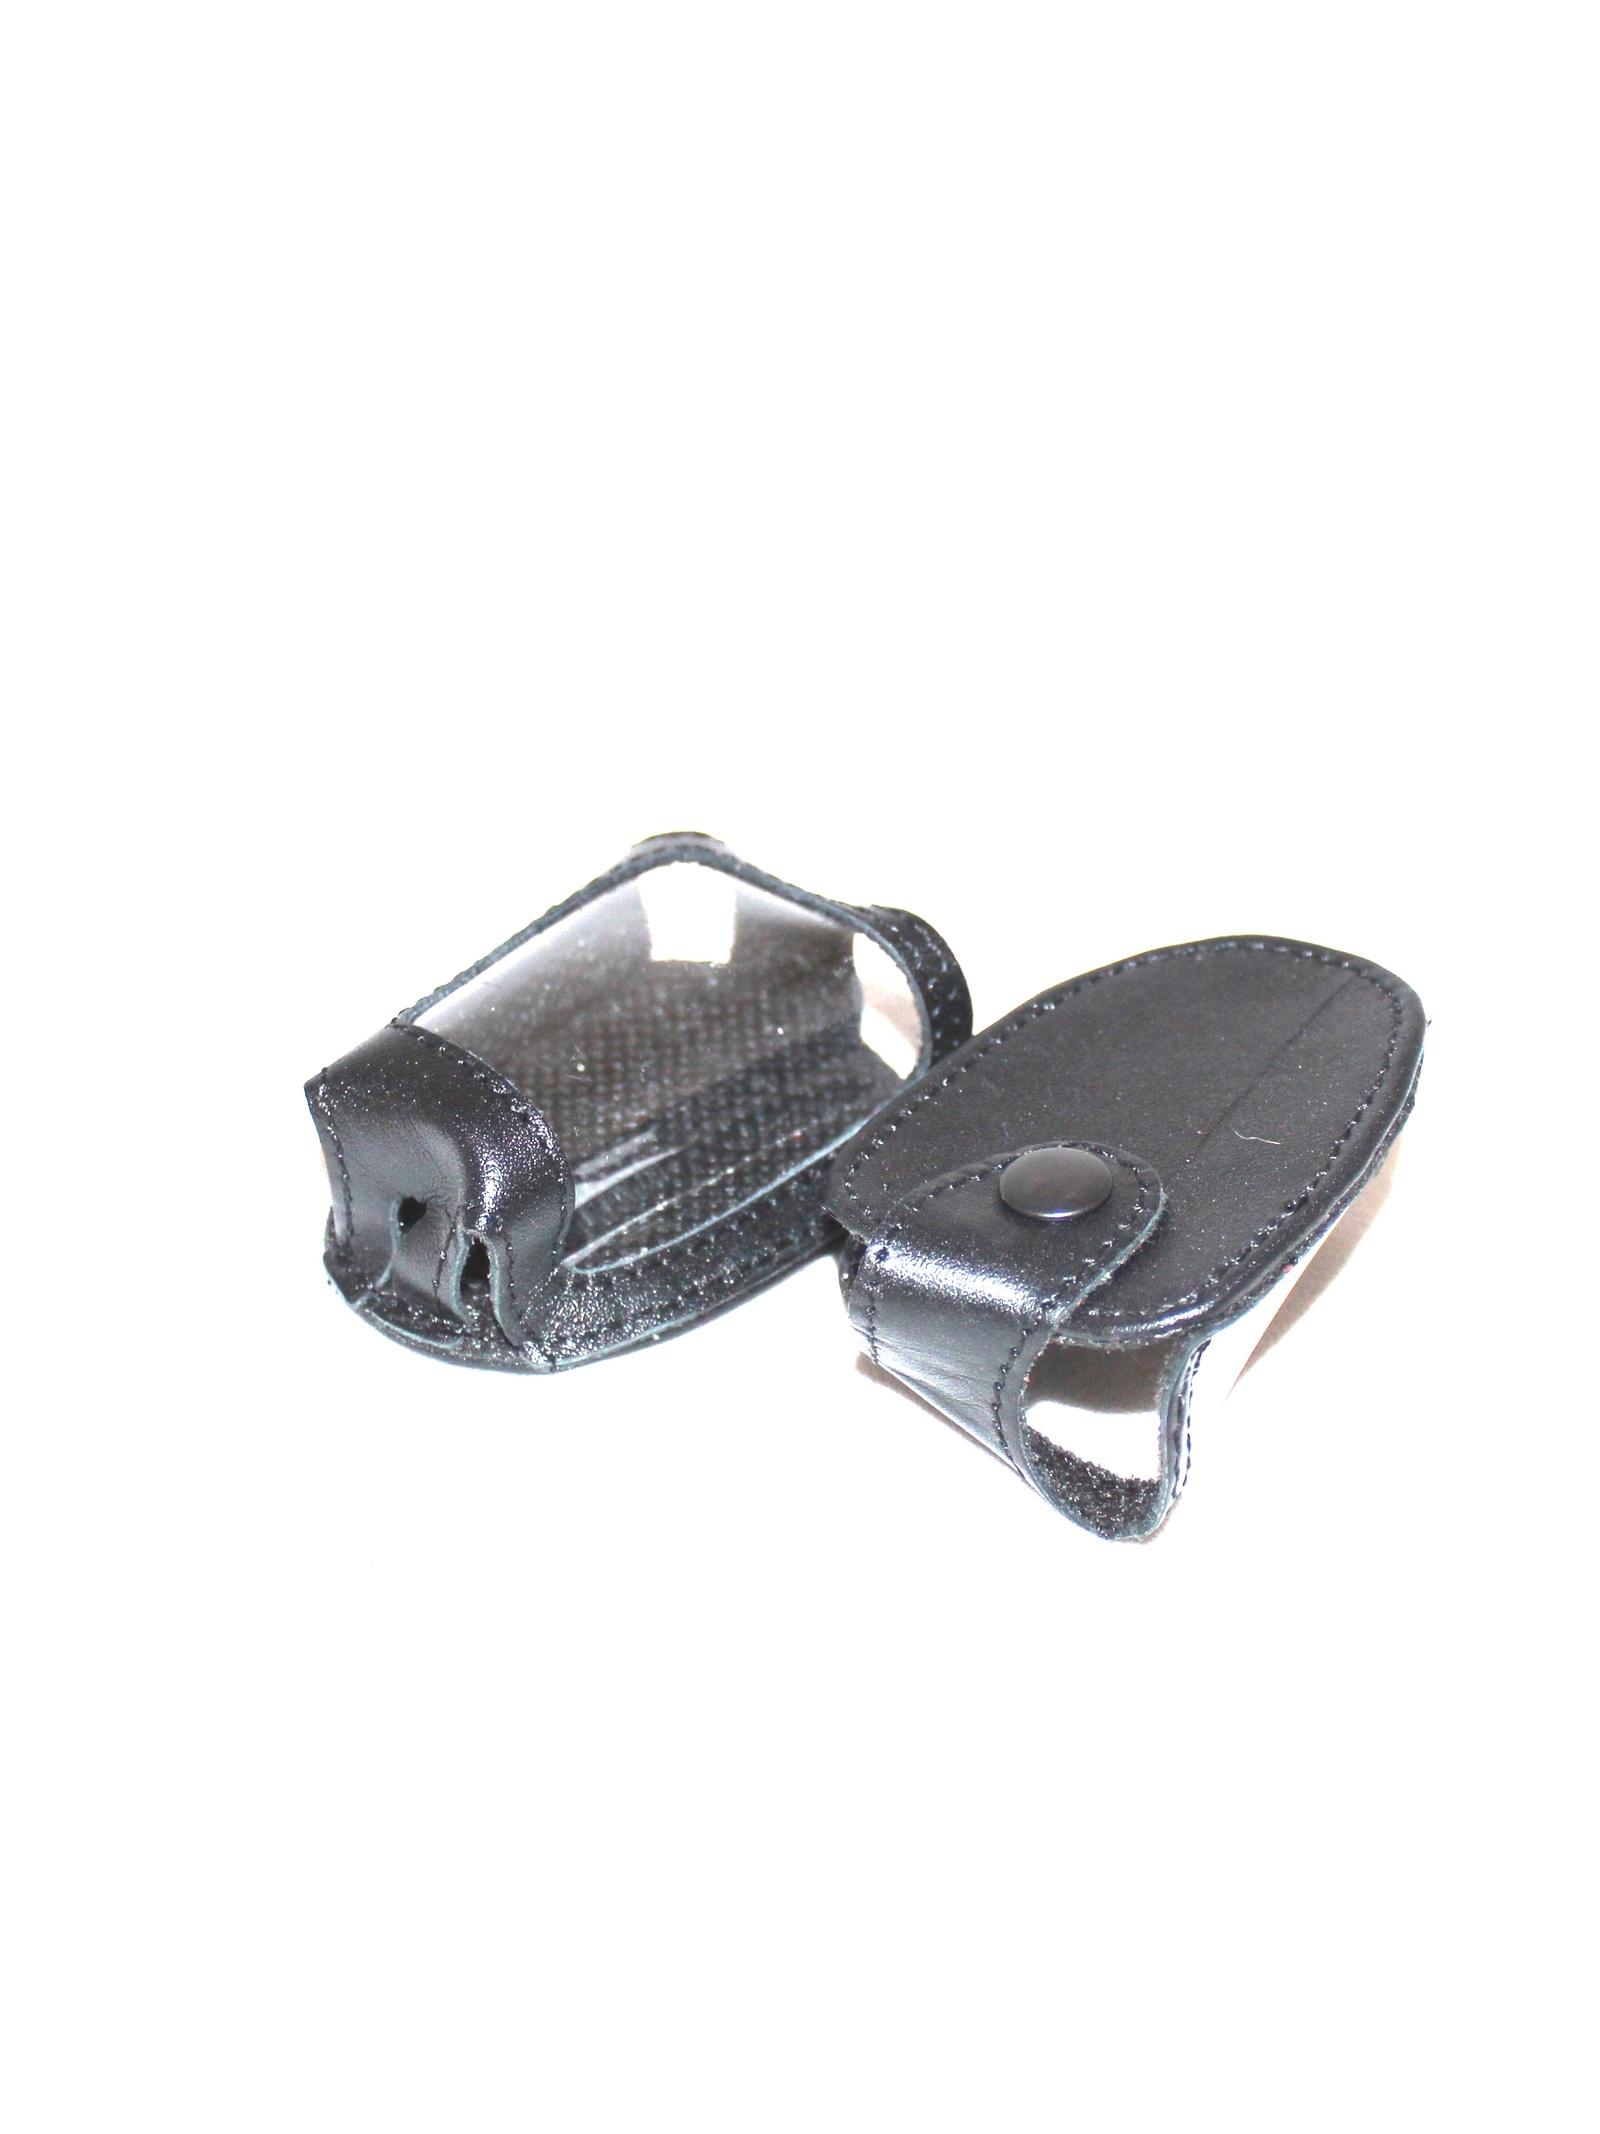 Чехол для автомобильного брелка Snoogy SCHER-KHAN 7/8/9/10 аксессуар чехол 8 0 snoogy универсальный иск кожа black sn uni8w blk lth